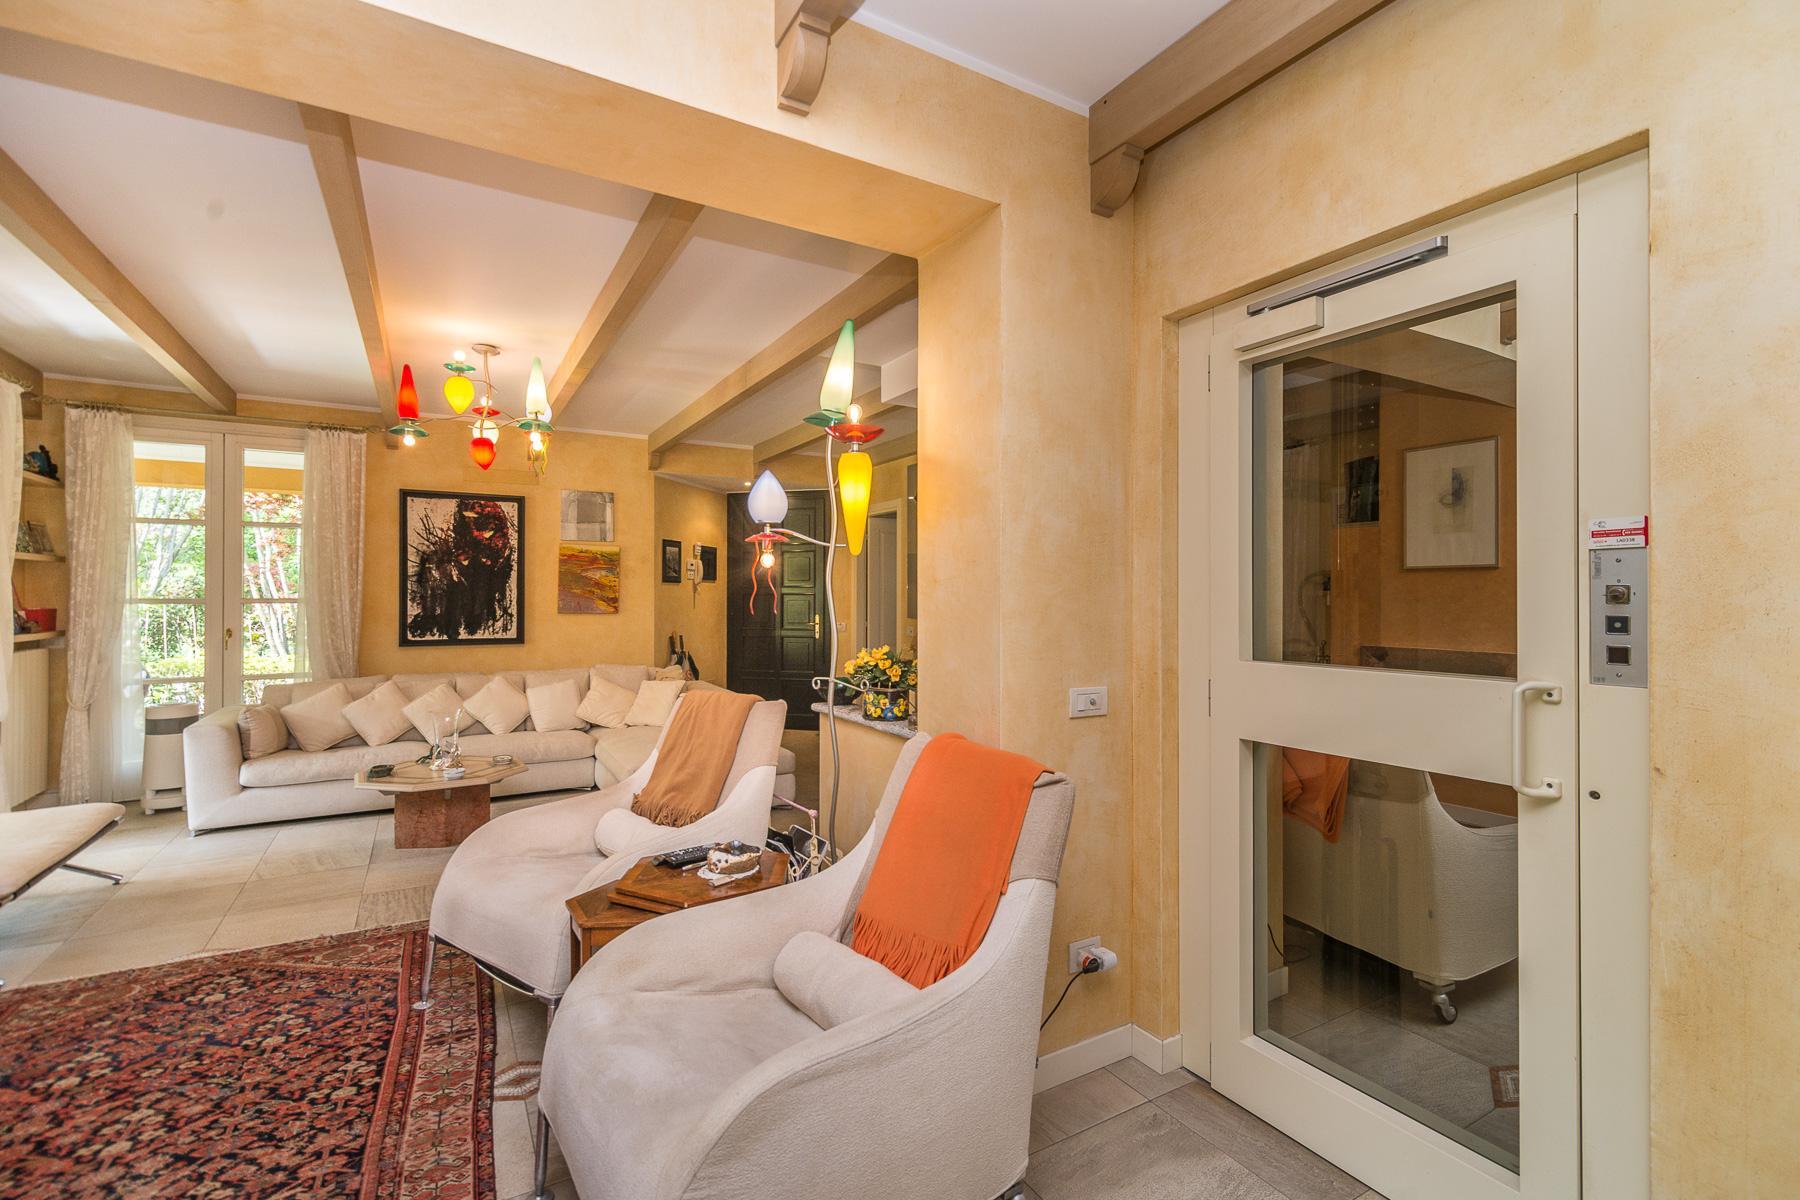 Golf Club Castelconturbia, splendida villa di 300 mq con giardino di 1500 mq e jacuzzi - 15